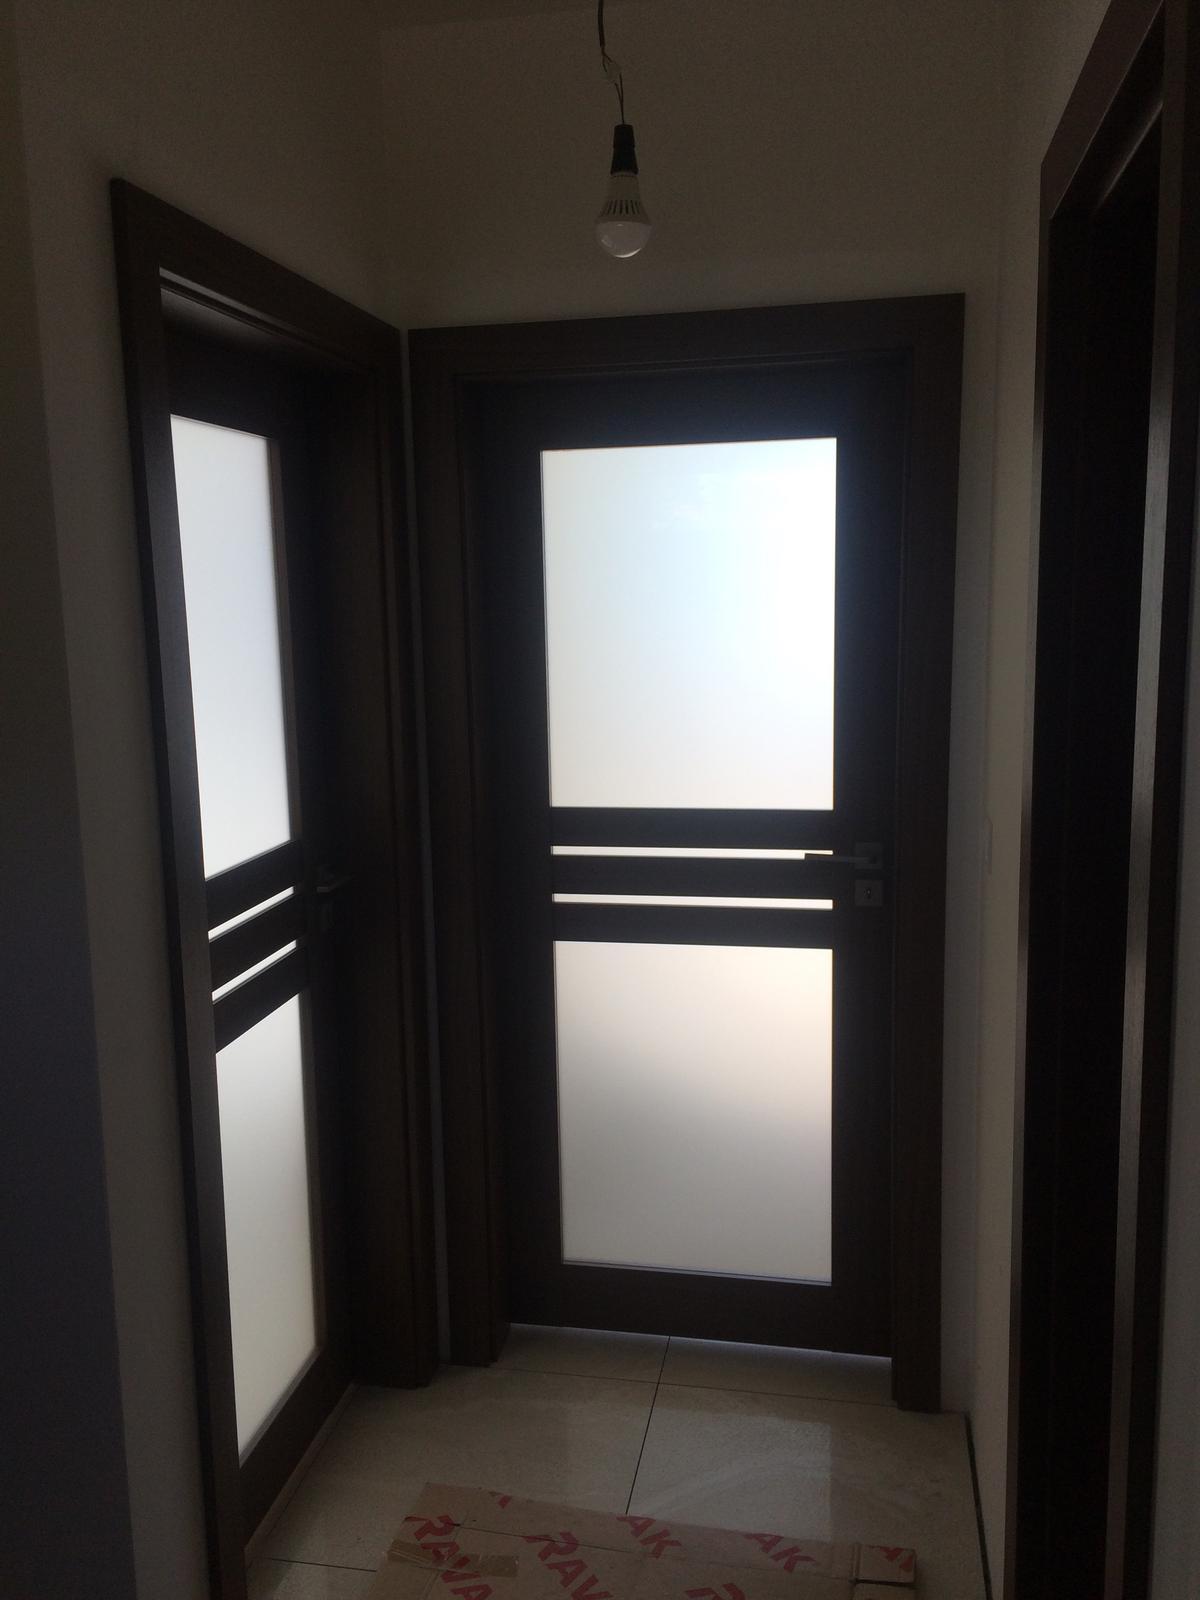 Krásny výber interiérových dverí do novostavby rodinného domčeka - Falcové dvere Erkado - Juka 1, povrchová úprava Premium - Orech Premium